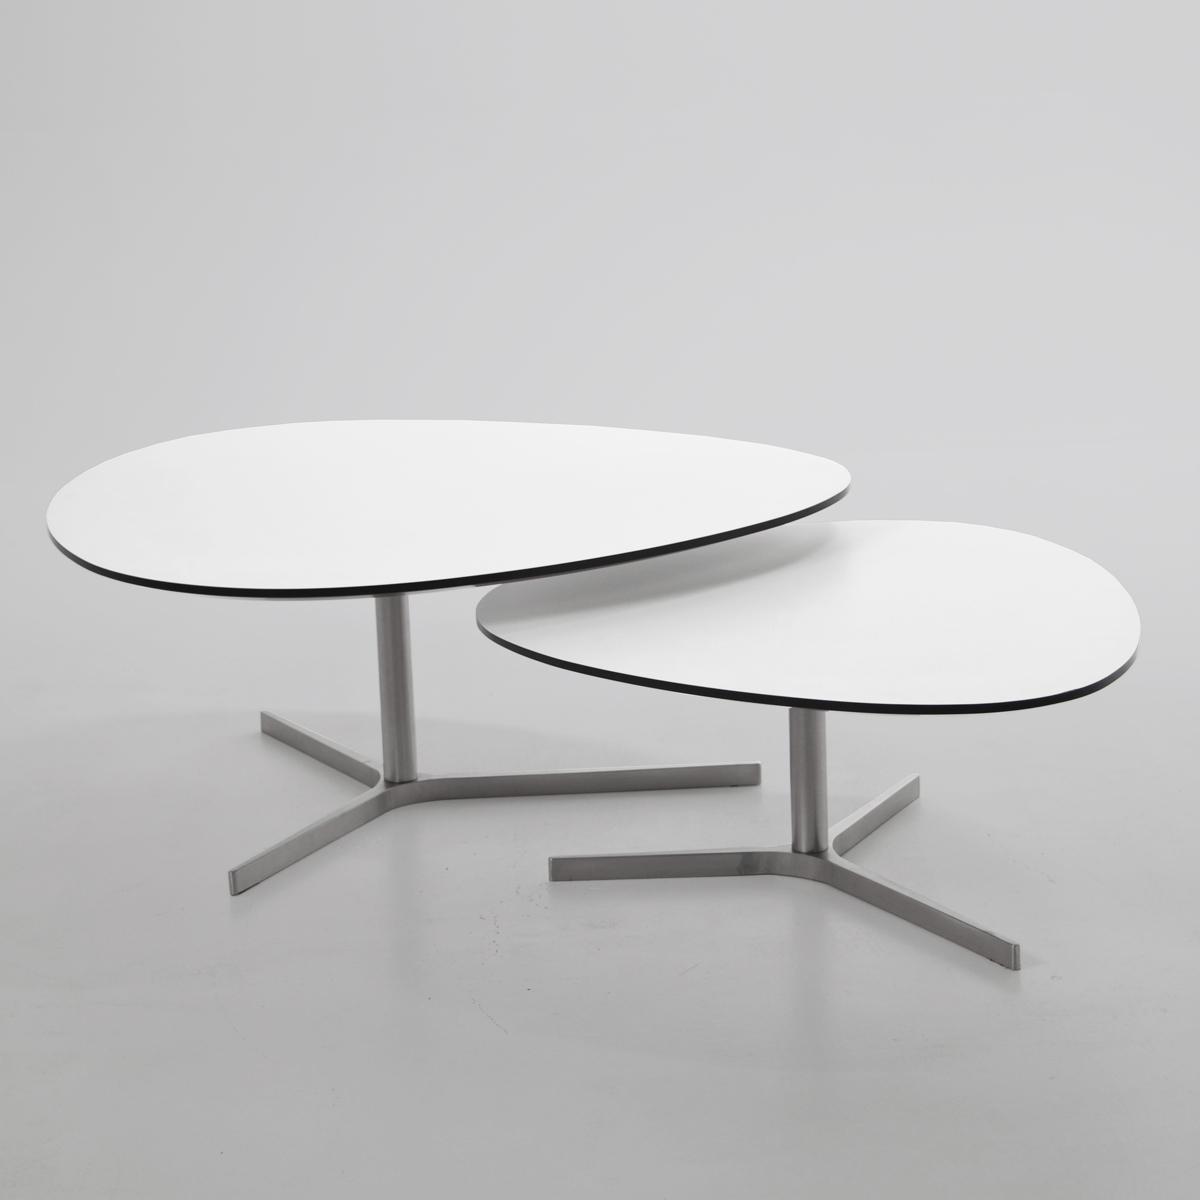 Tisch Für Wohnzimmer  Jtleighcom  Hausgestaltung Ideen